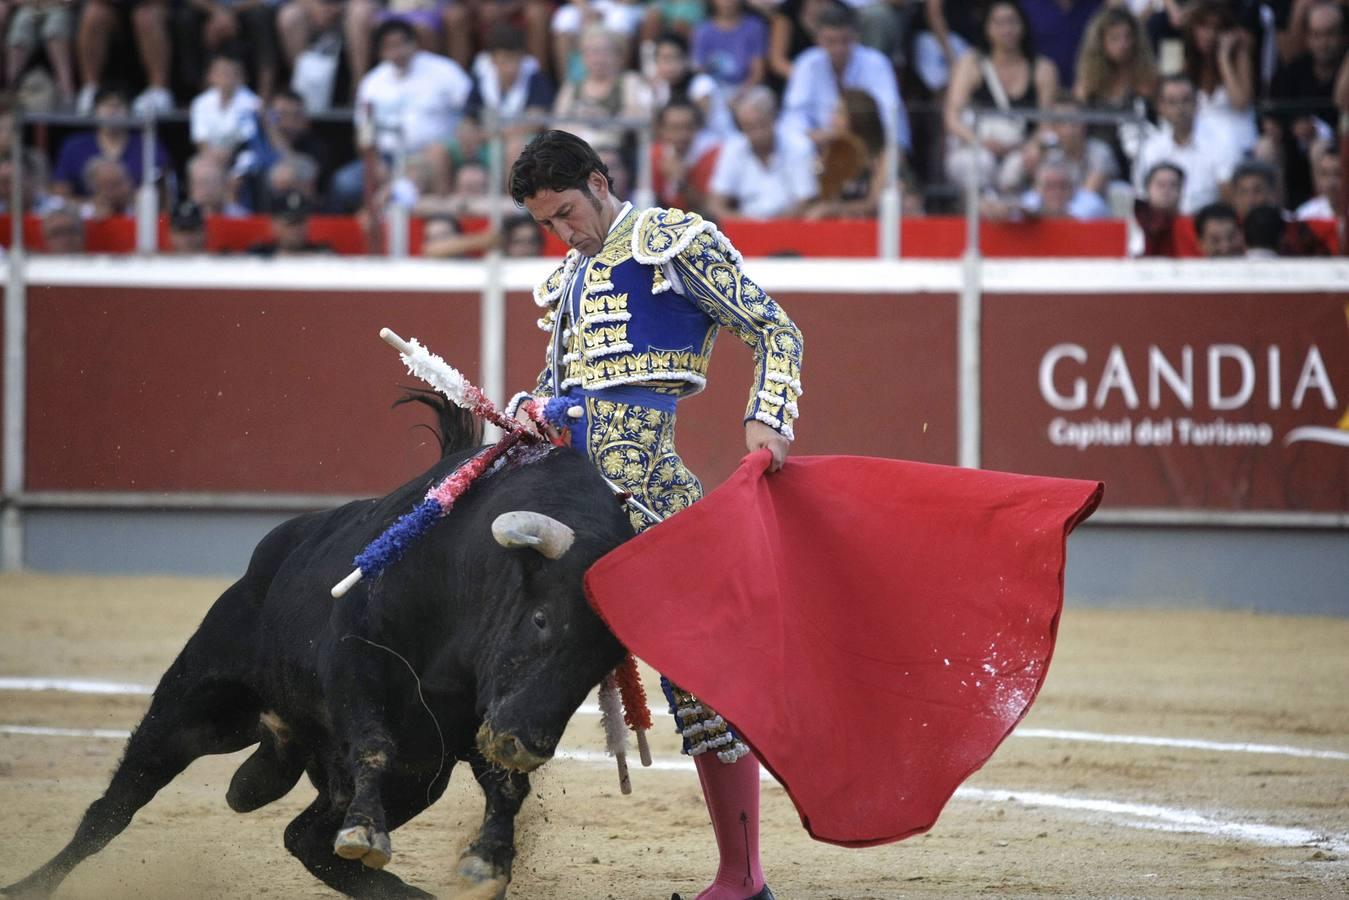 Gandia no celebrará este verano corridas de toros para evitar el maltrato animal